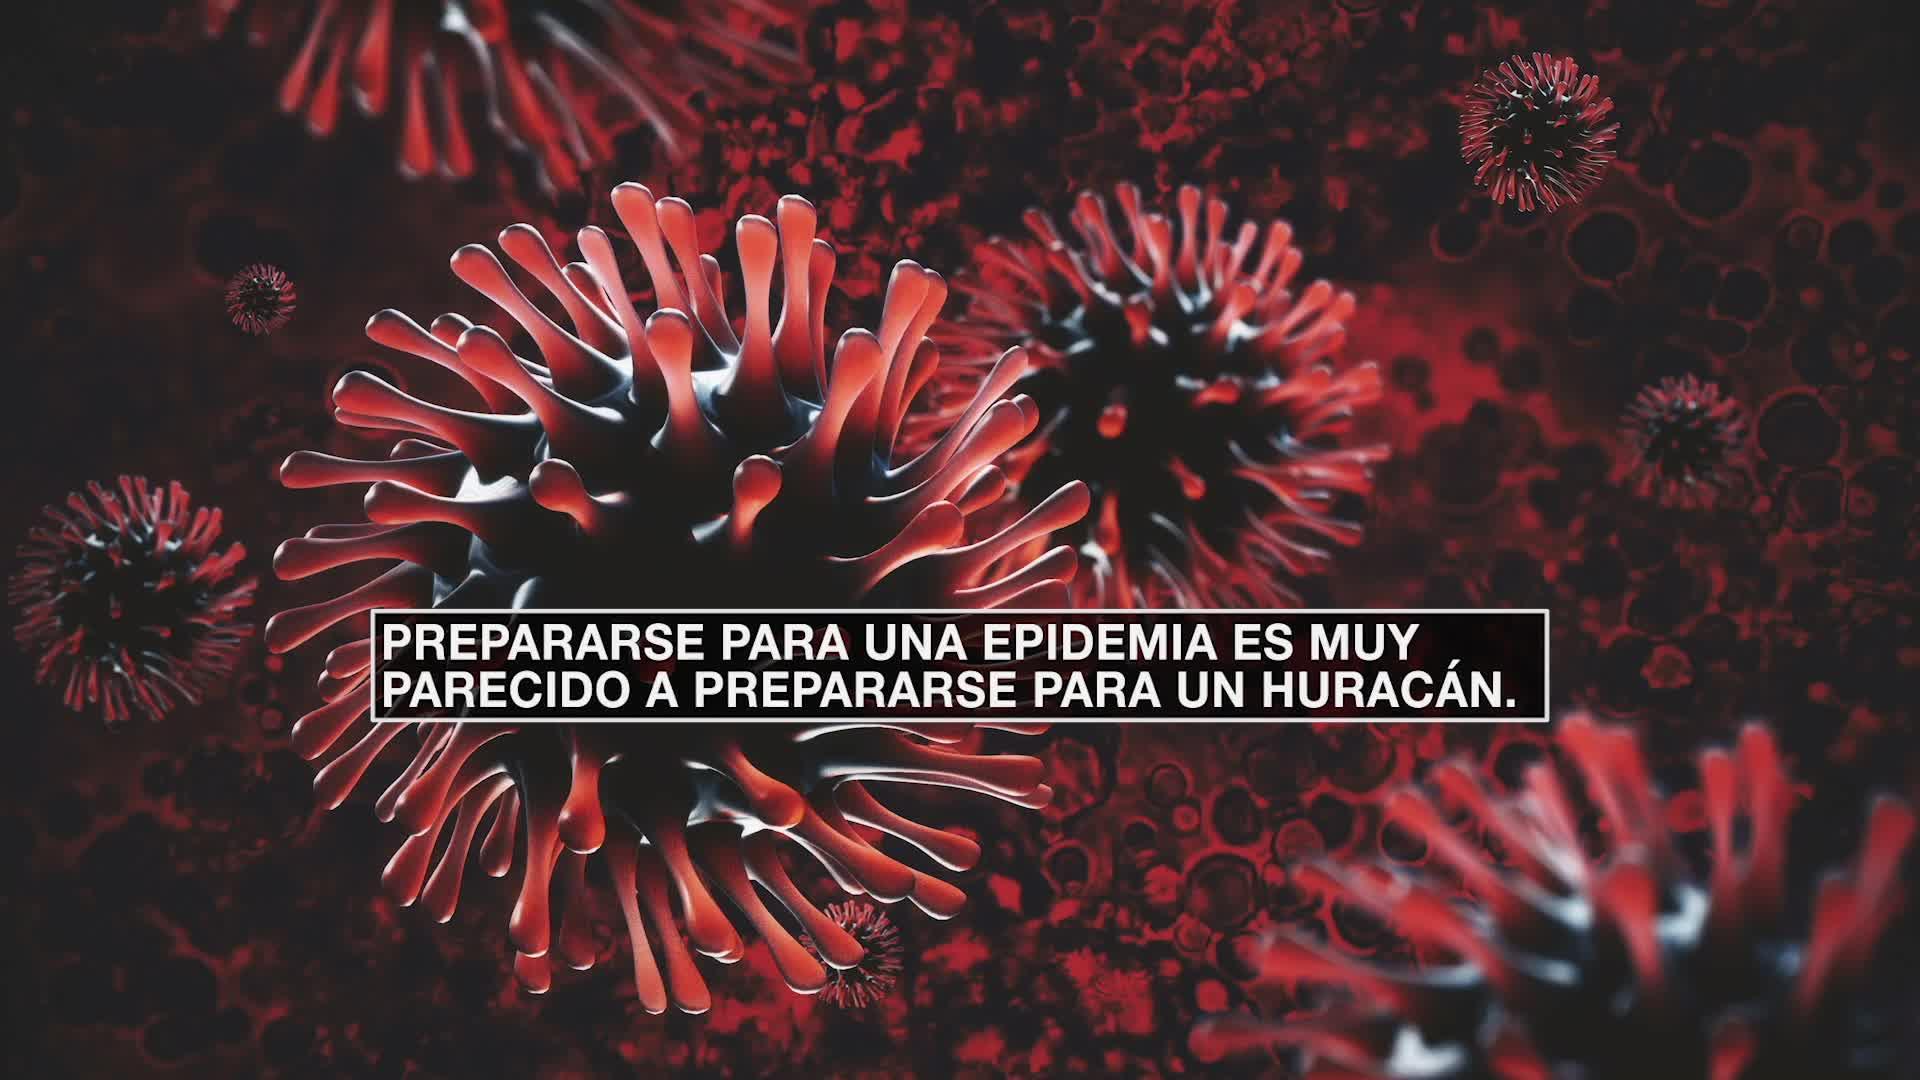 ¿En qué se parece una pandemia a un huracán?